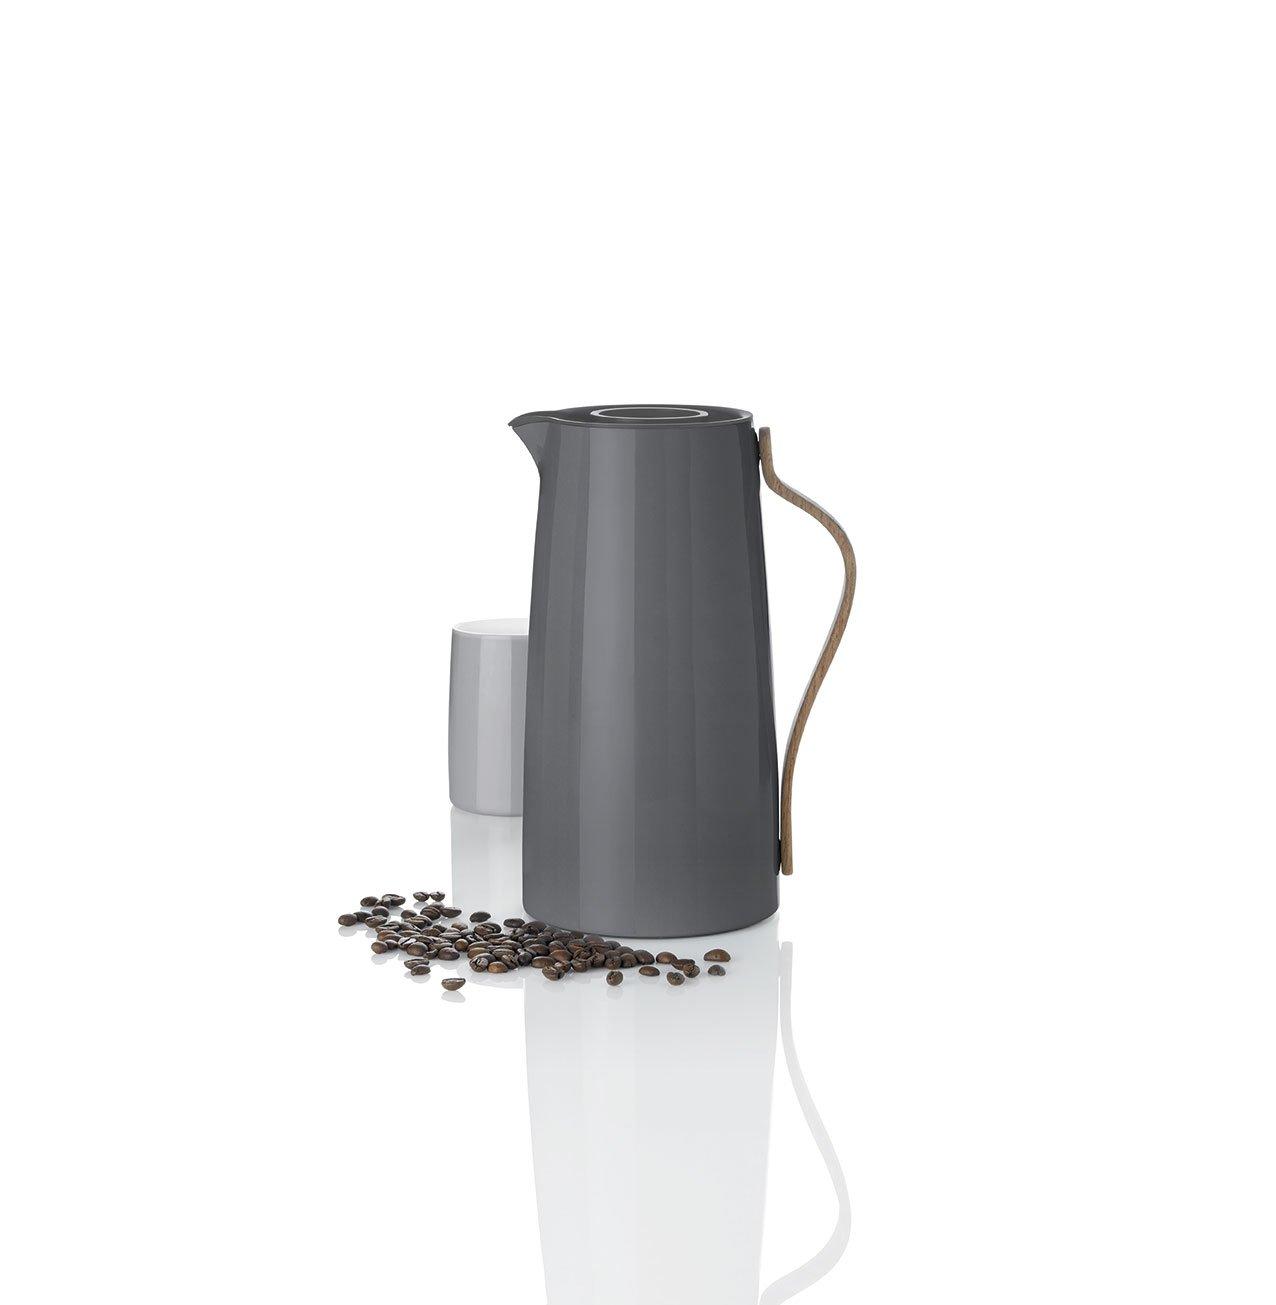 Stelton Emma Cofee Vacuum Jug Stainless Steel - Grey by Stelton